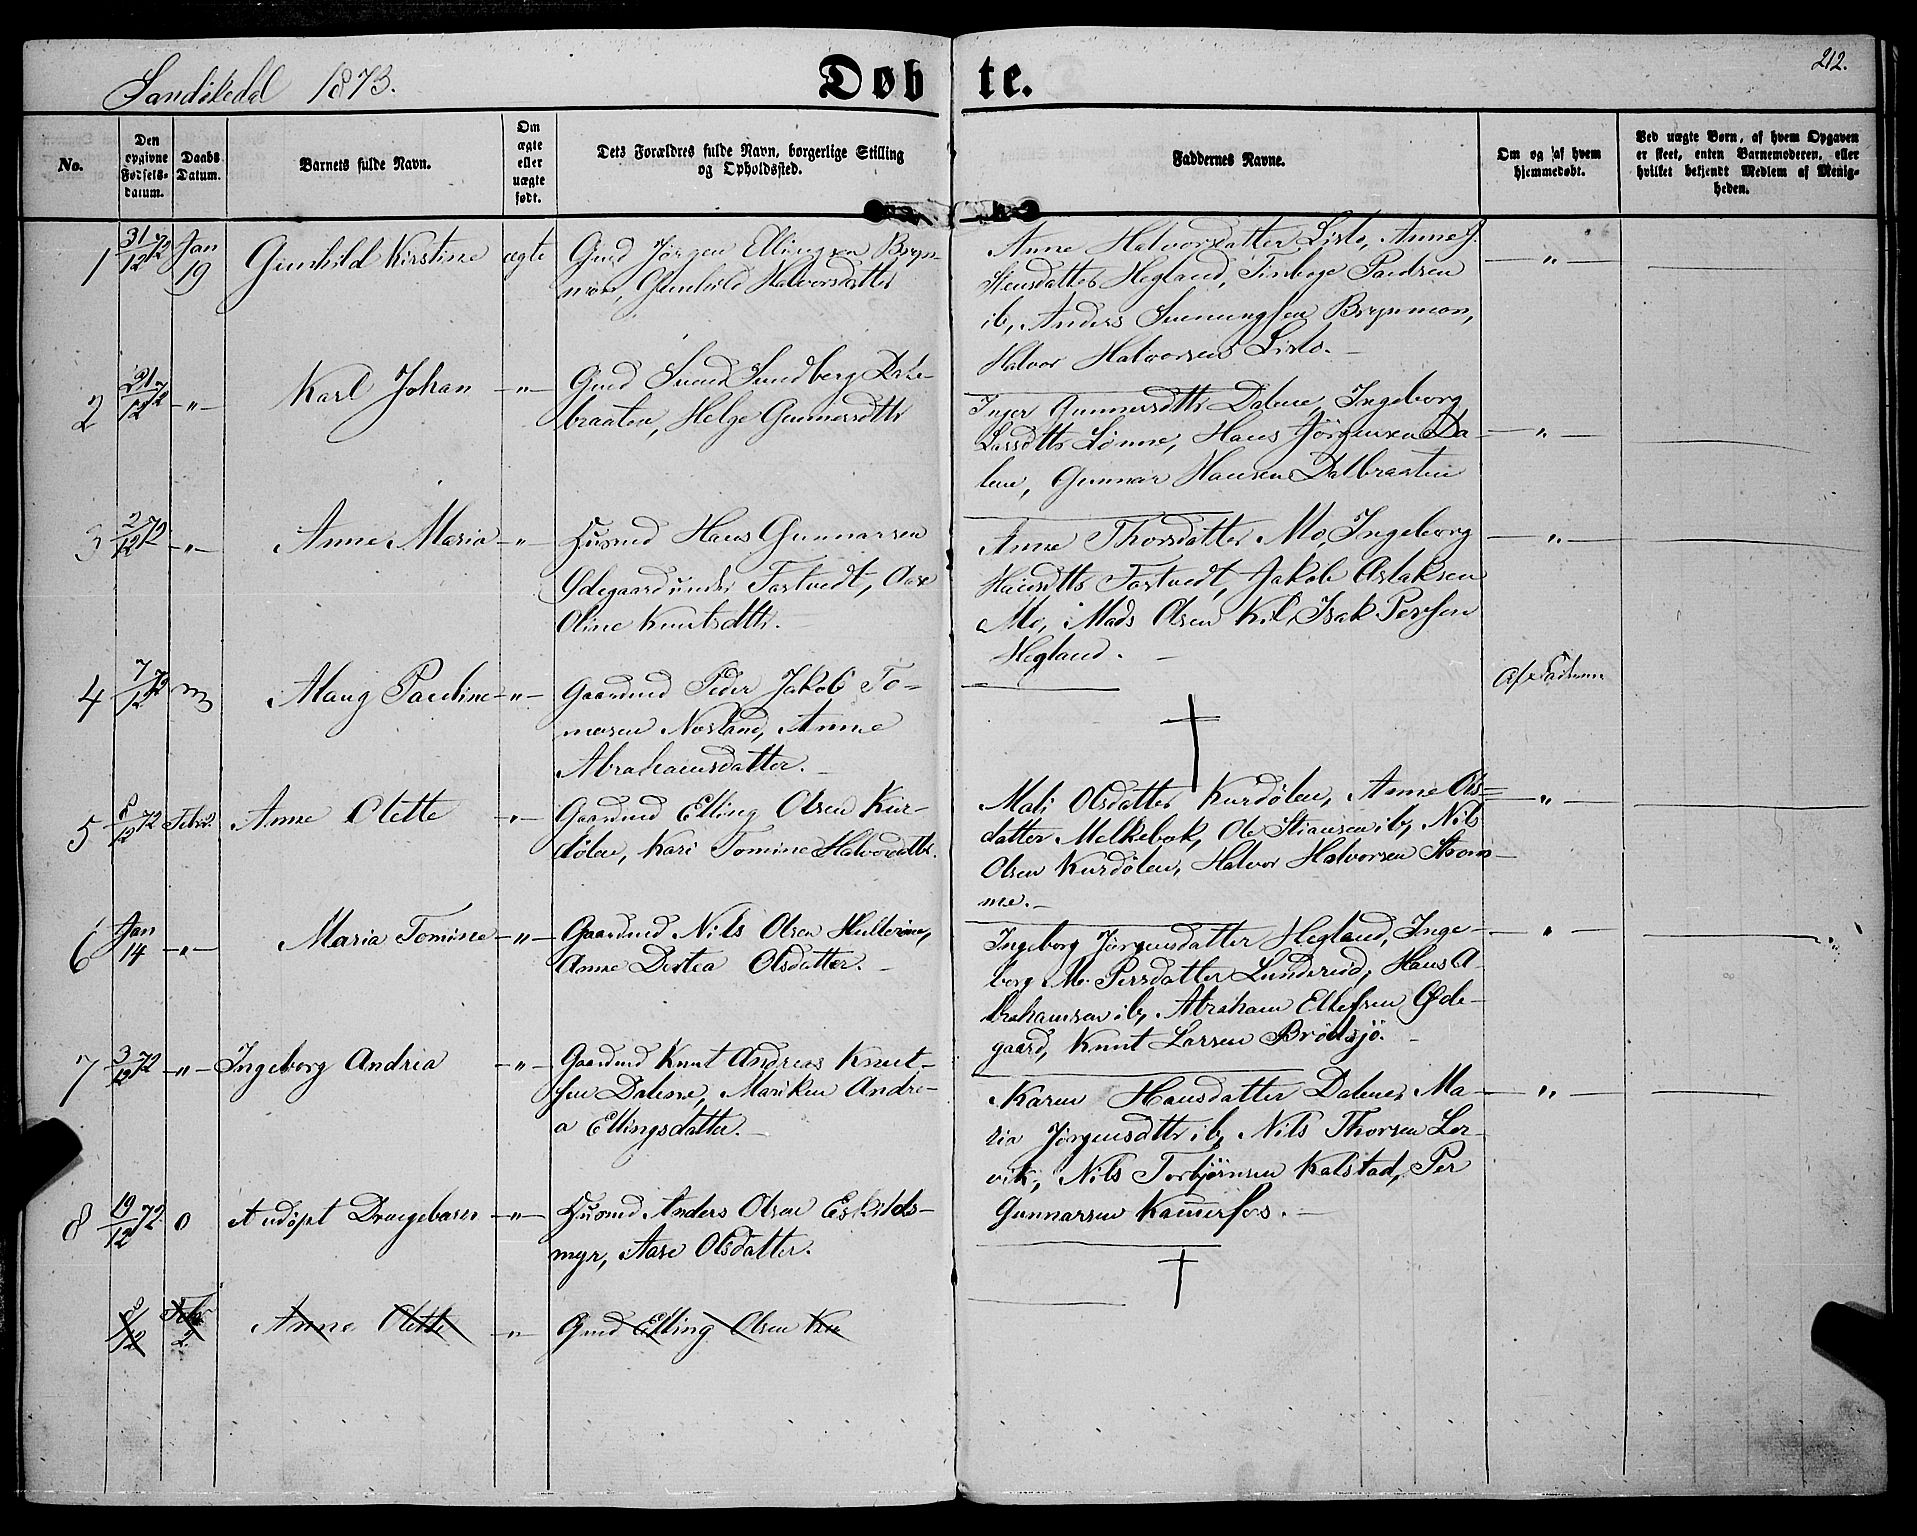 SAKO, Sannidal kirkebøker, F/Fa/L0011: Ministerialbok nr. 11, 1863-1873, s. 212